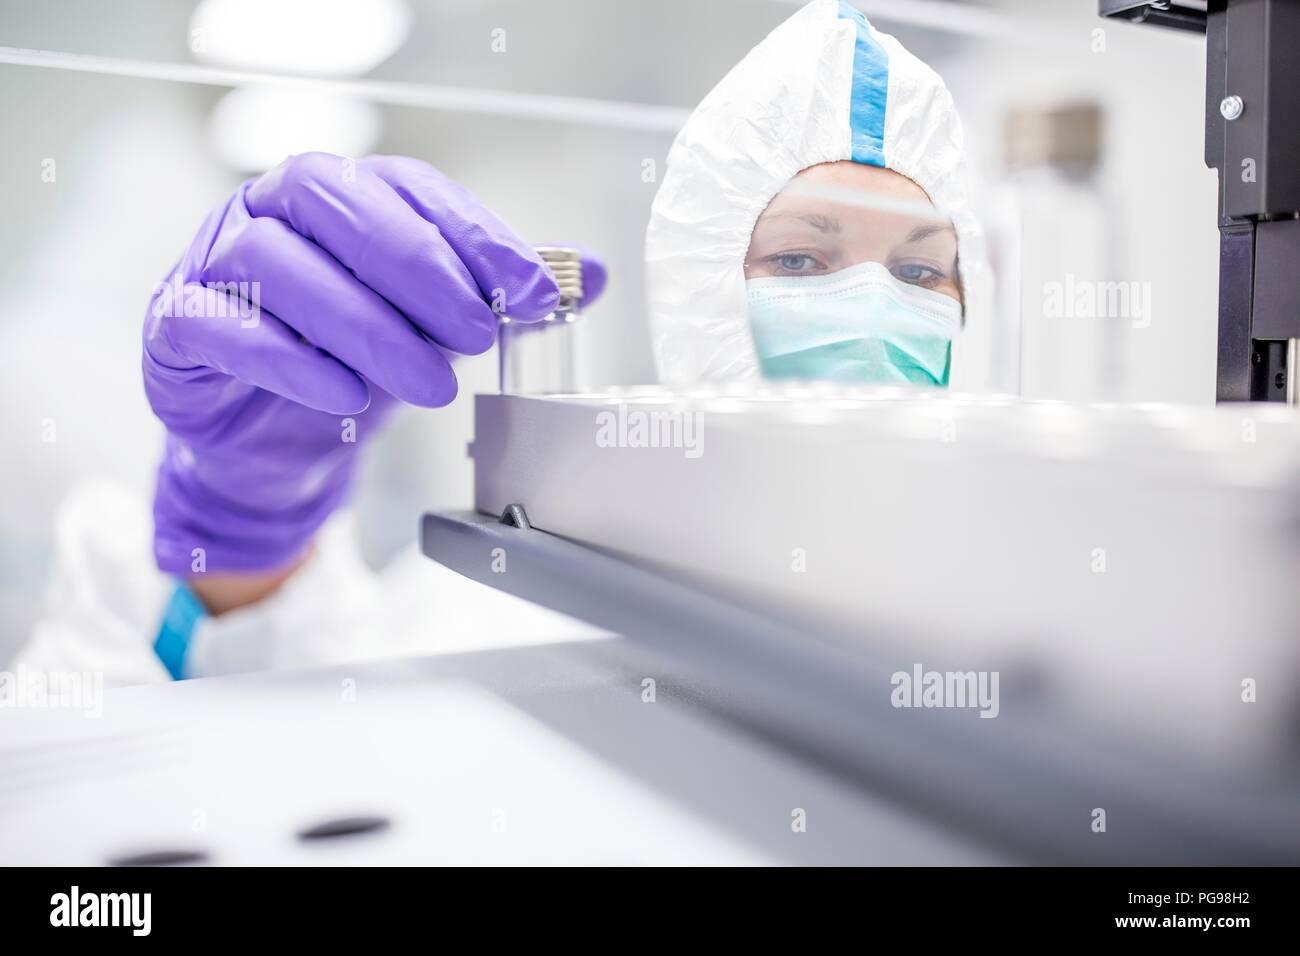 Control técnico de culturas de células madre en un laboratorio que fabrica tejidos humanos por implantes. Tales implantes incluyen el hueso y los injertos de piel. Imagen De Stock